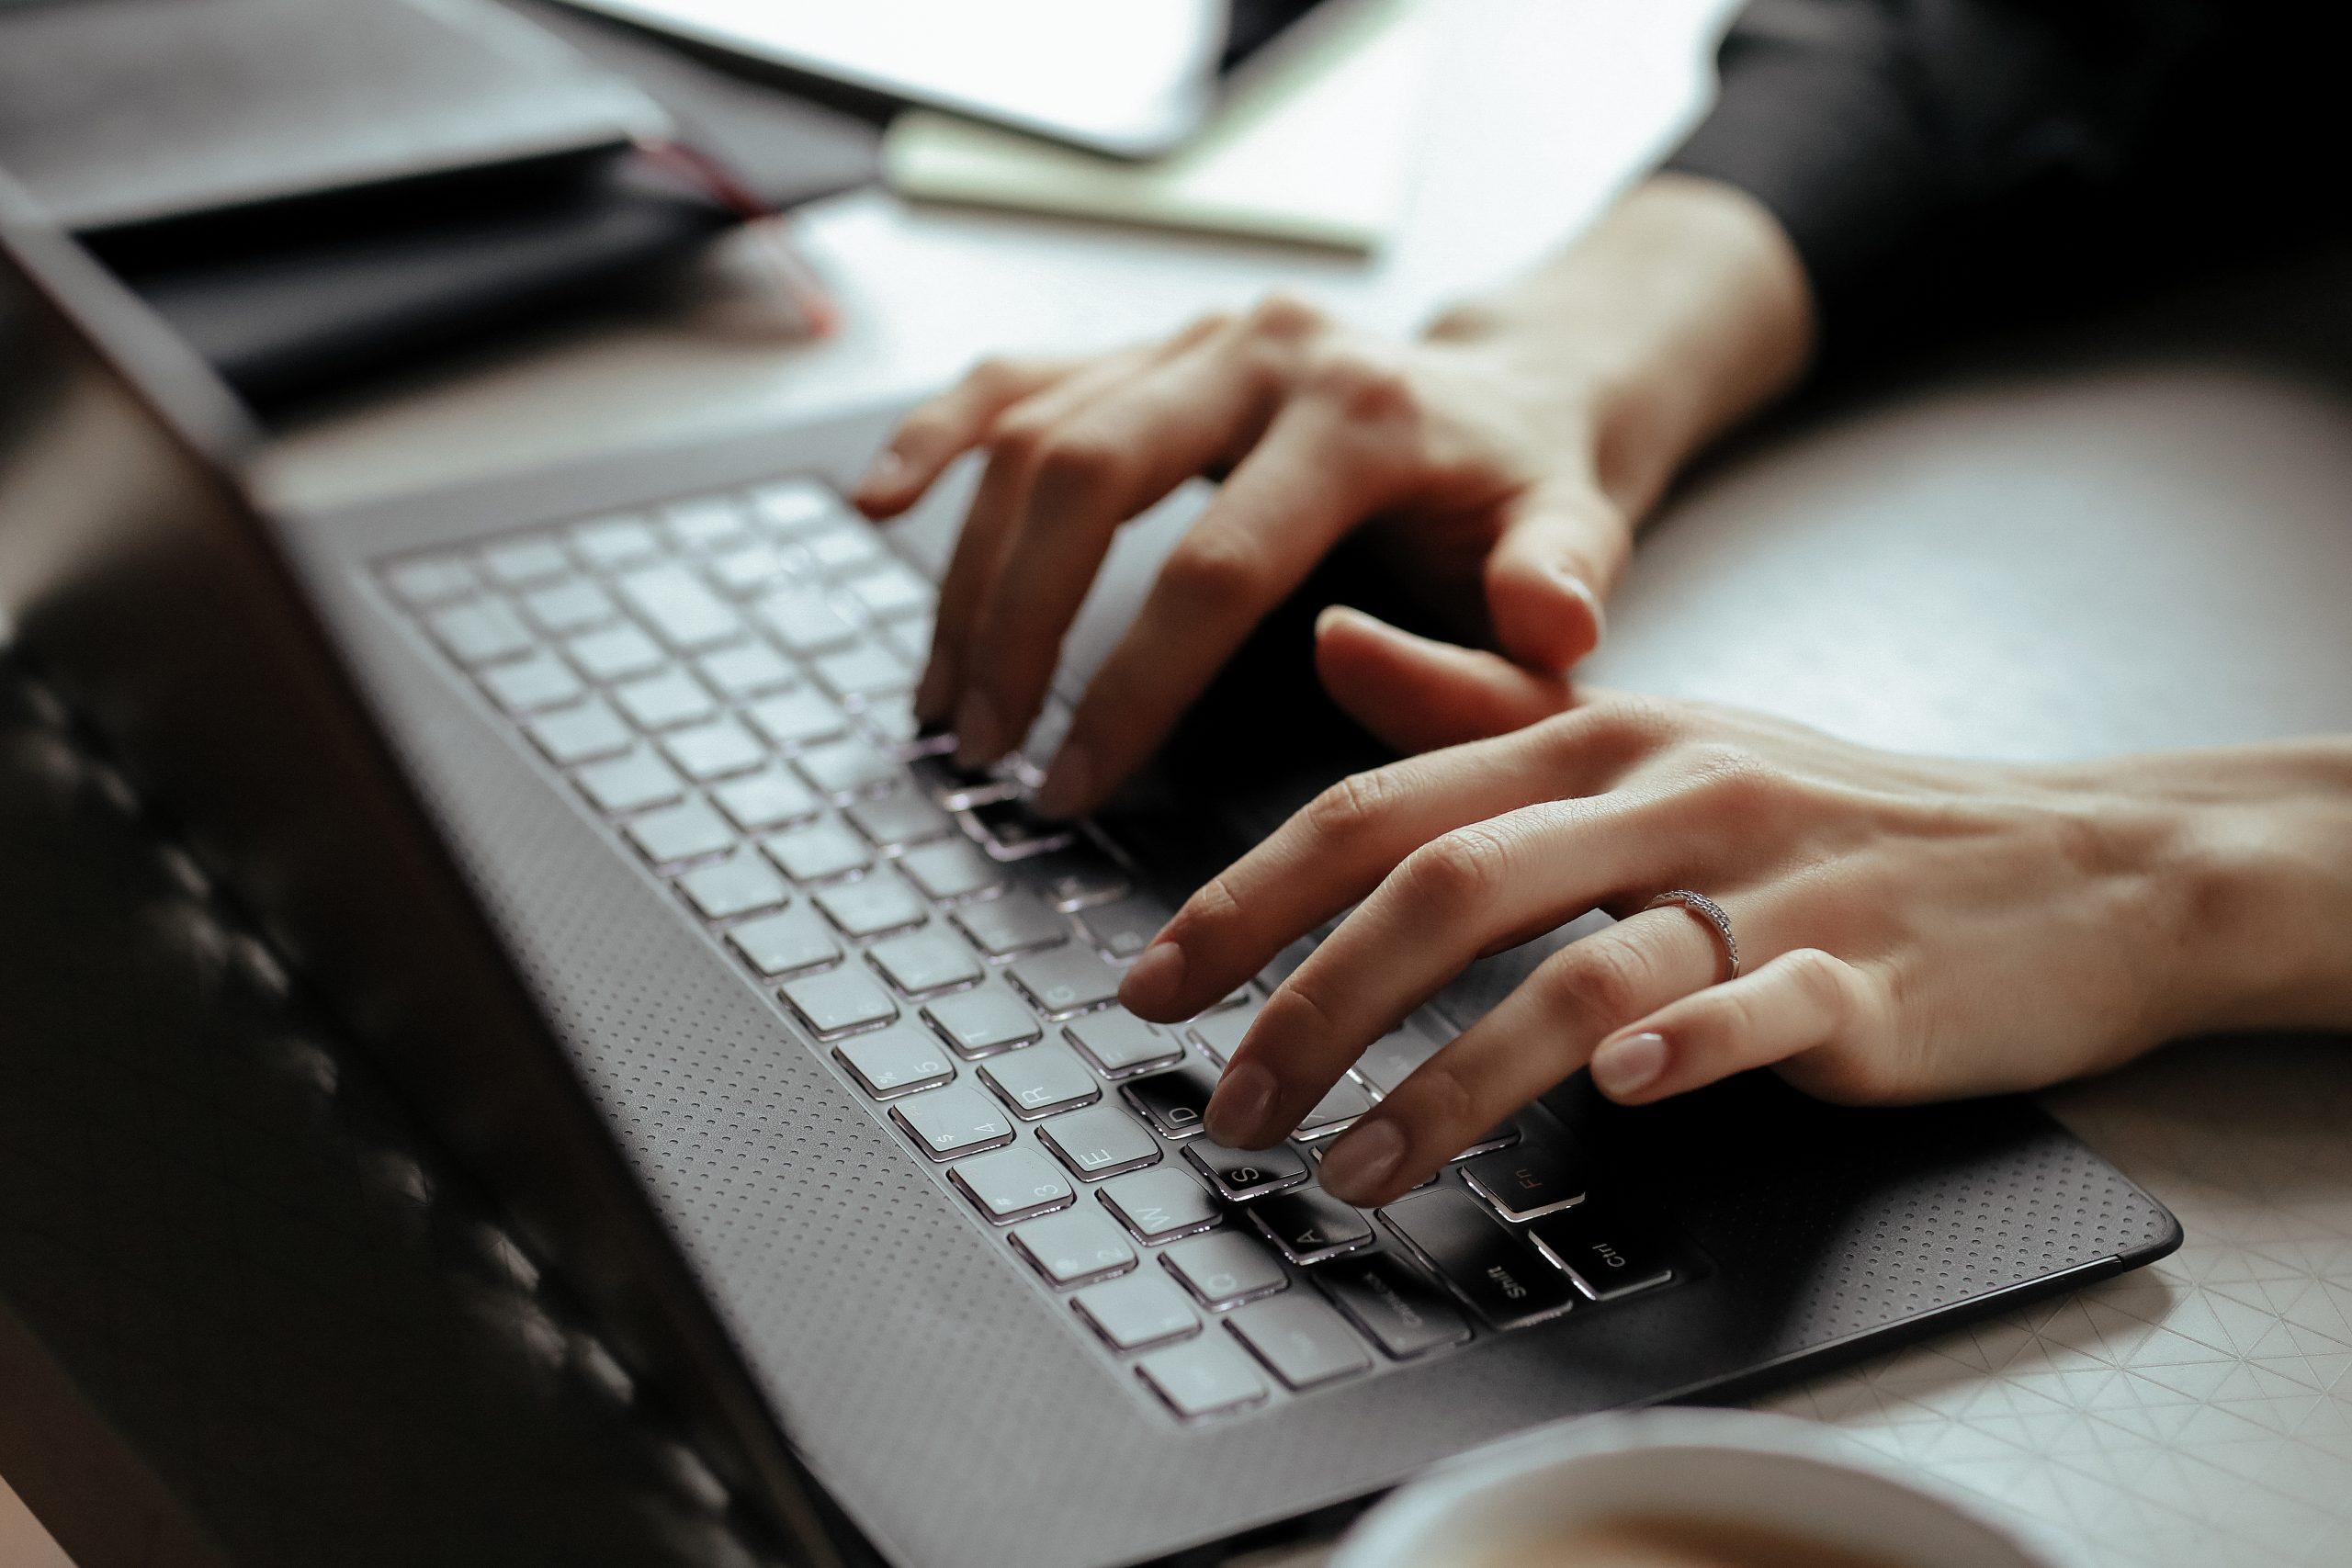 Czy gra online może skutecznie rozwijać kompetencje managerskie?